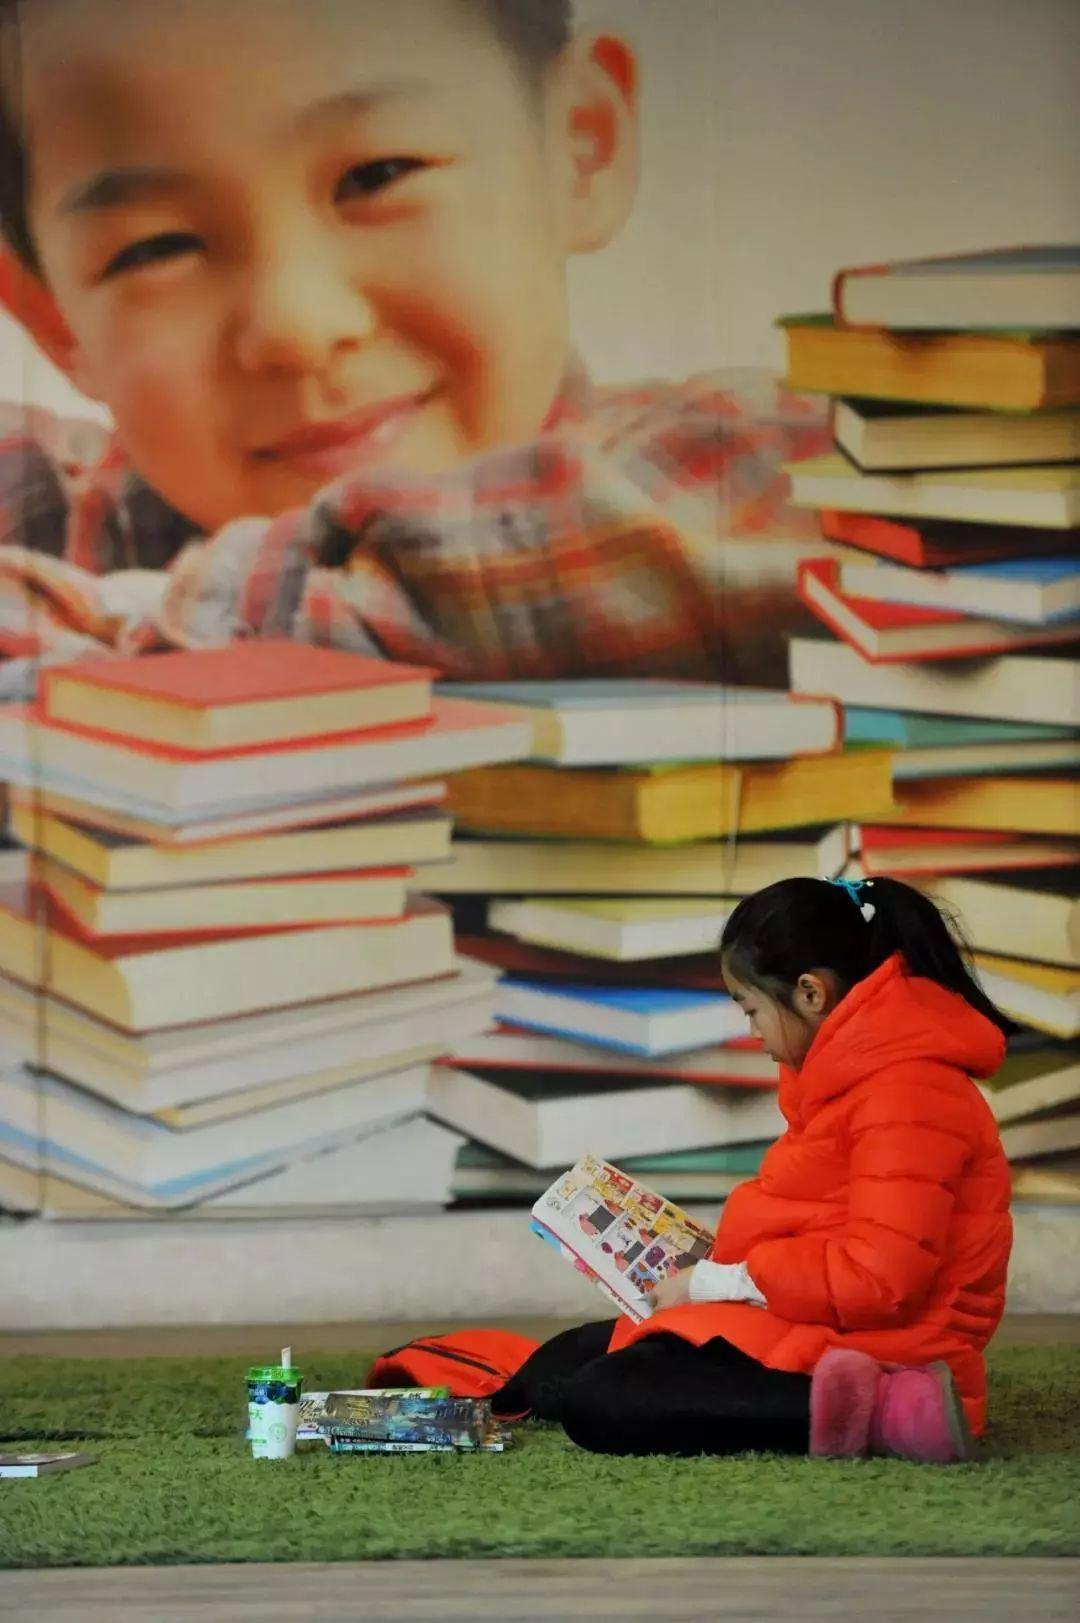 孩子交到学校就是老师的事儿了?学校和家庭教育的边界在哪里?  关注